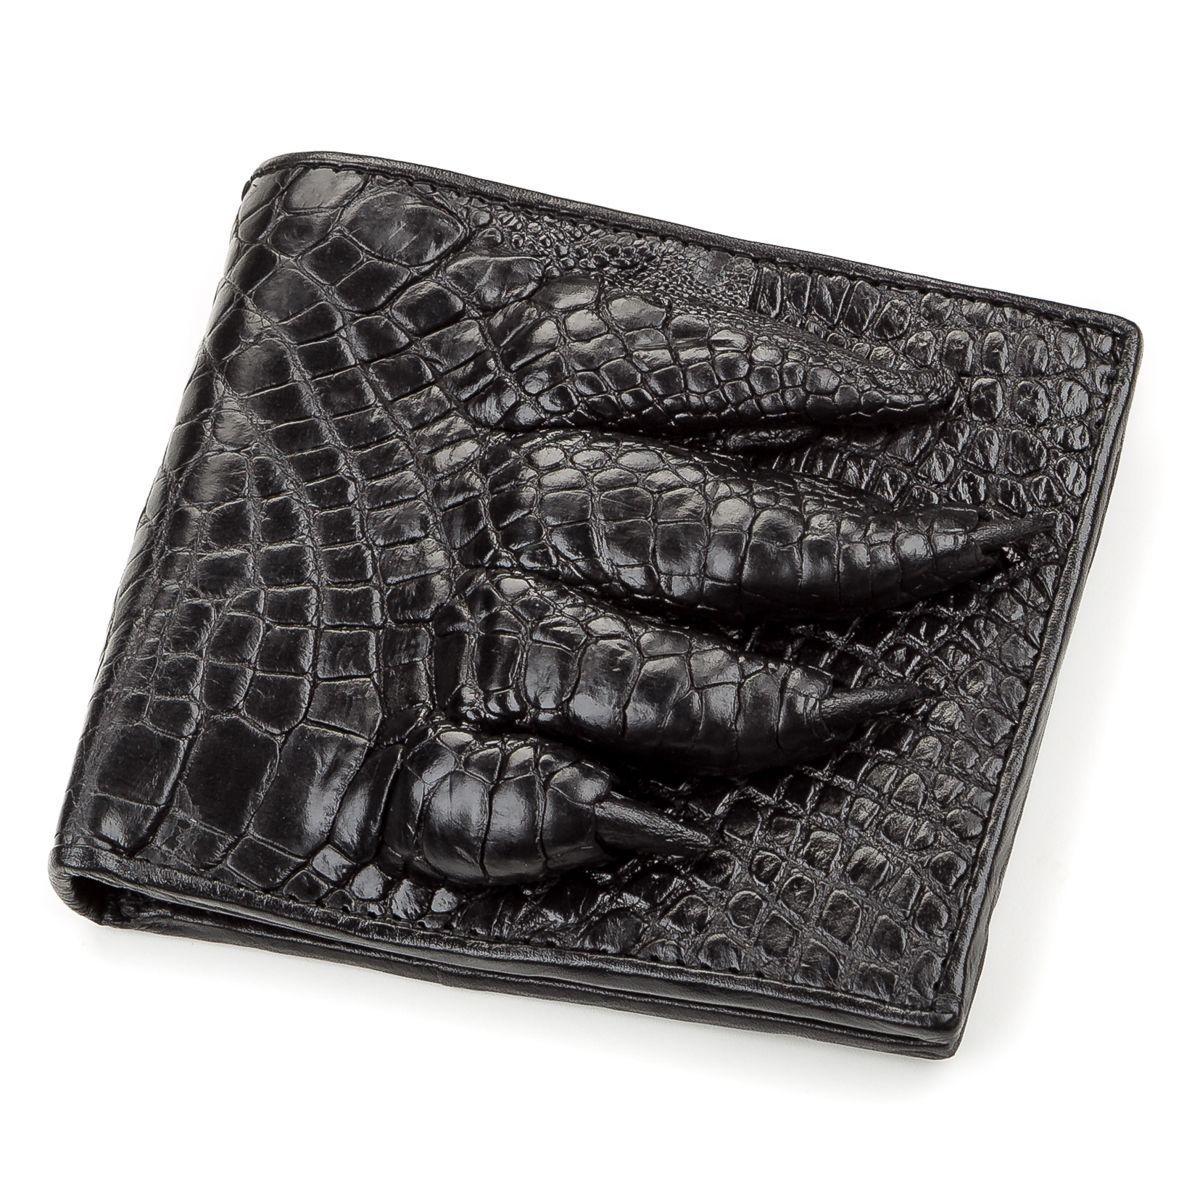 Кошелек мужской черный из натуральной кожи крокодила CROCODILE LEATHER 18200